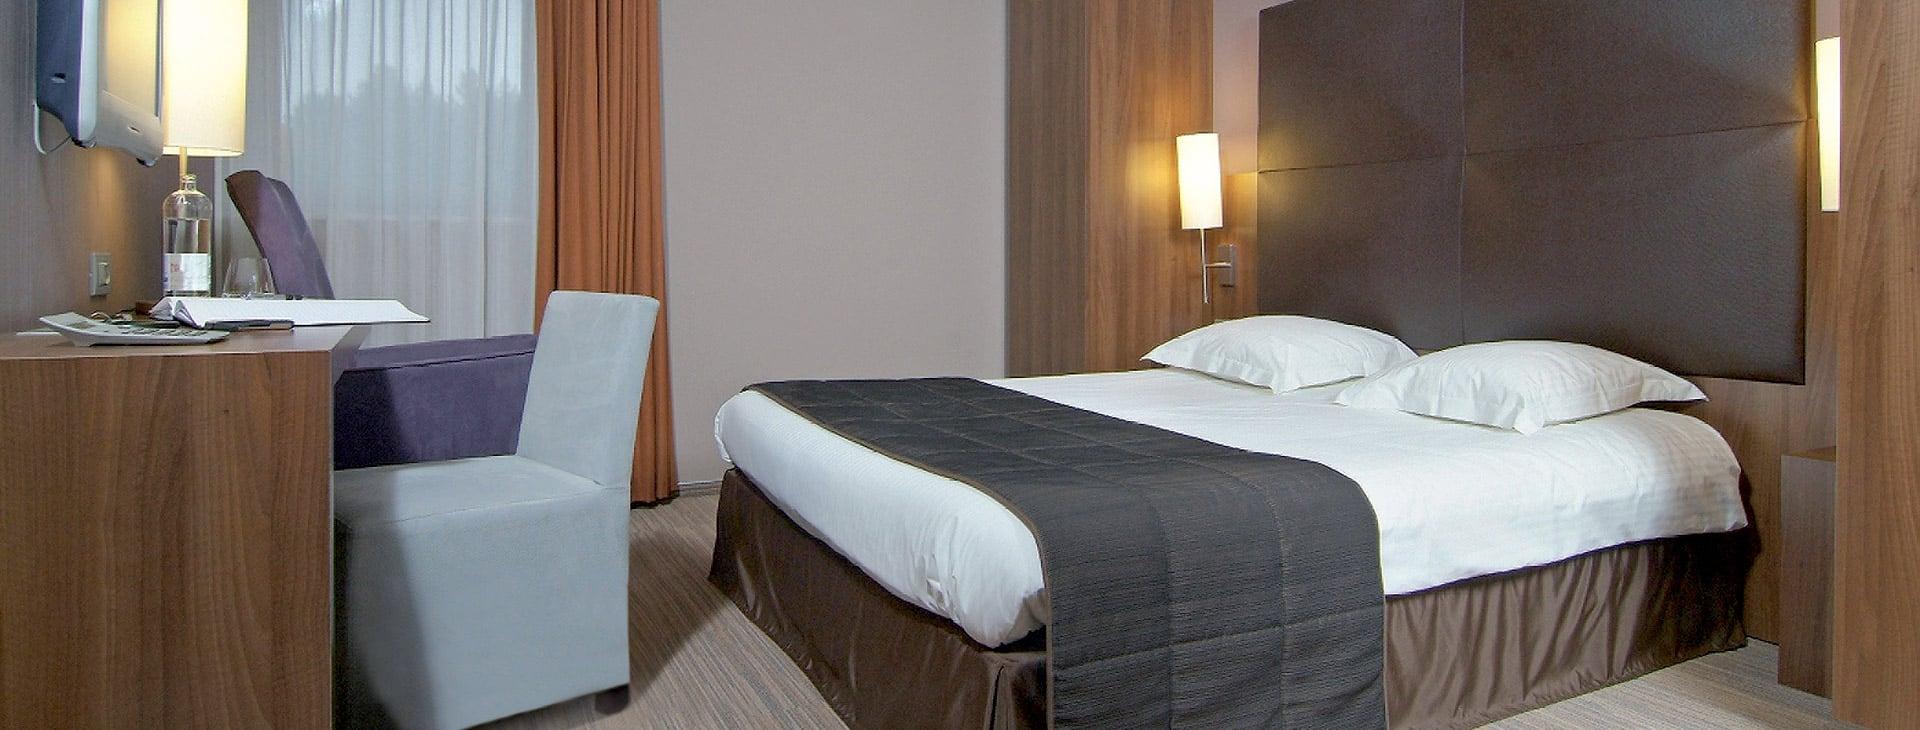 hotel_stiemerheide_hotel_DSCF6130